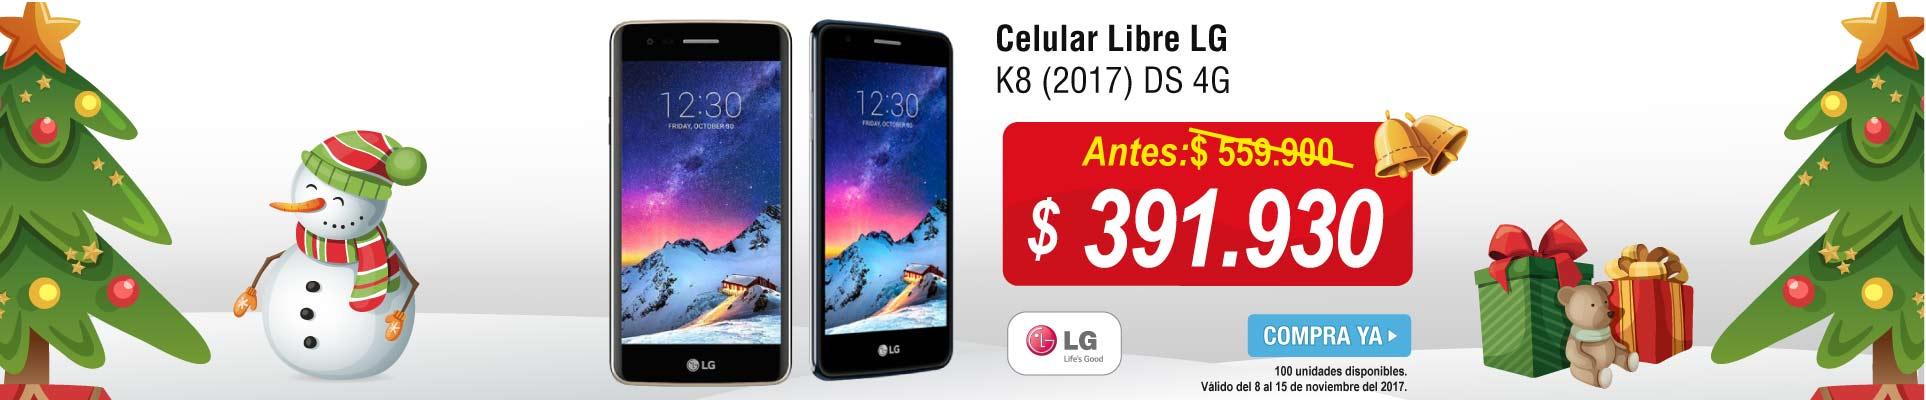 PPAL ALKP-5-celulares-Celular Libre LG K8 (2017) DS 4G-prod-diciembre8-15